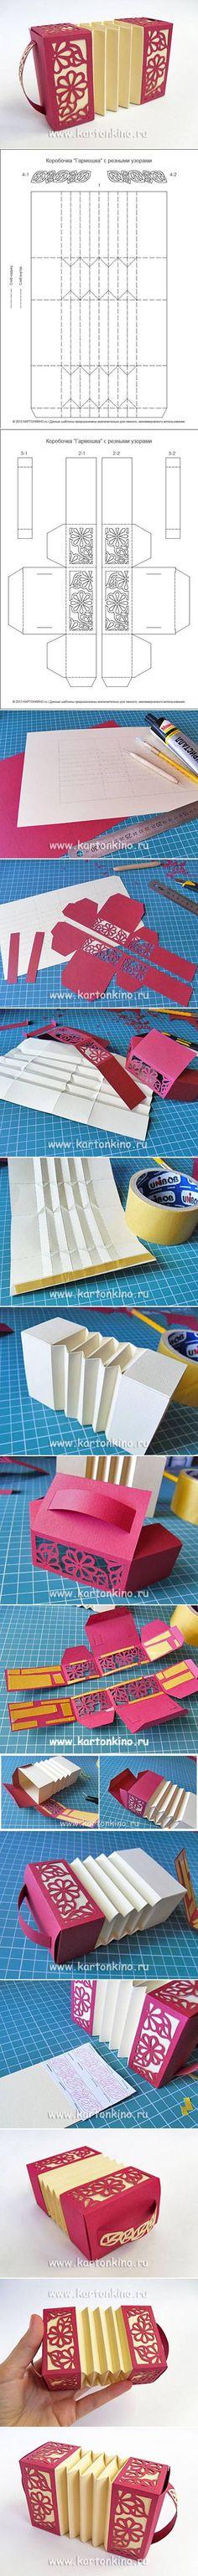 Ziehharmonika-Box mit Foto-Anleitung (Original von www.papierkino.ru):